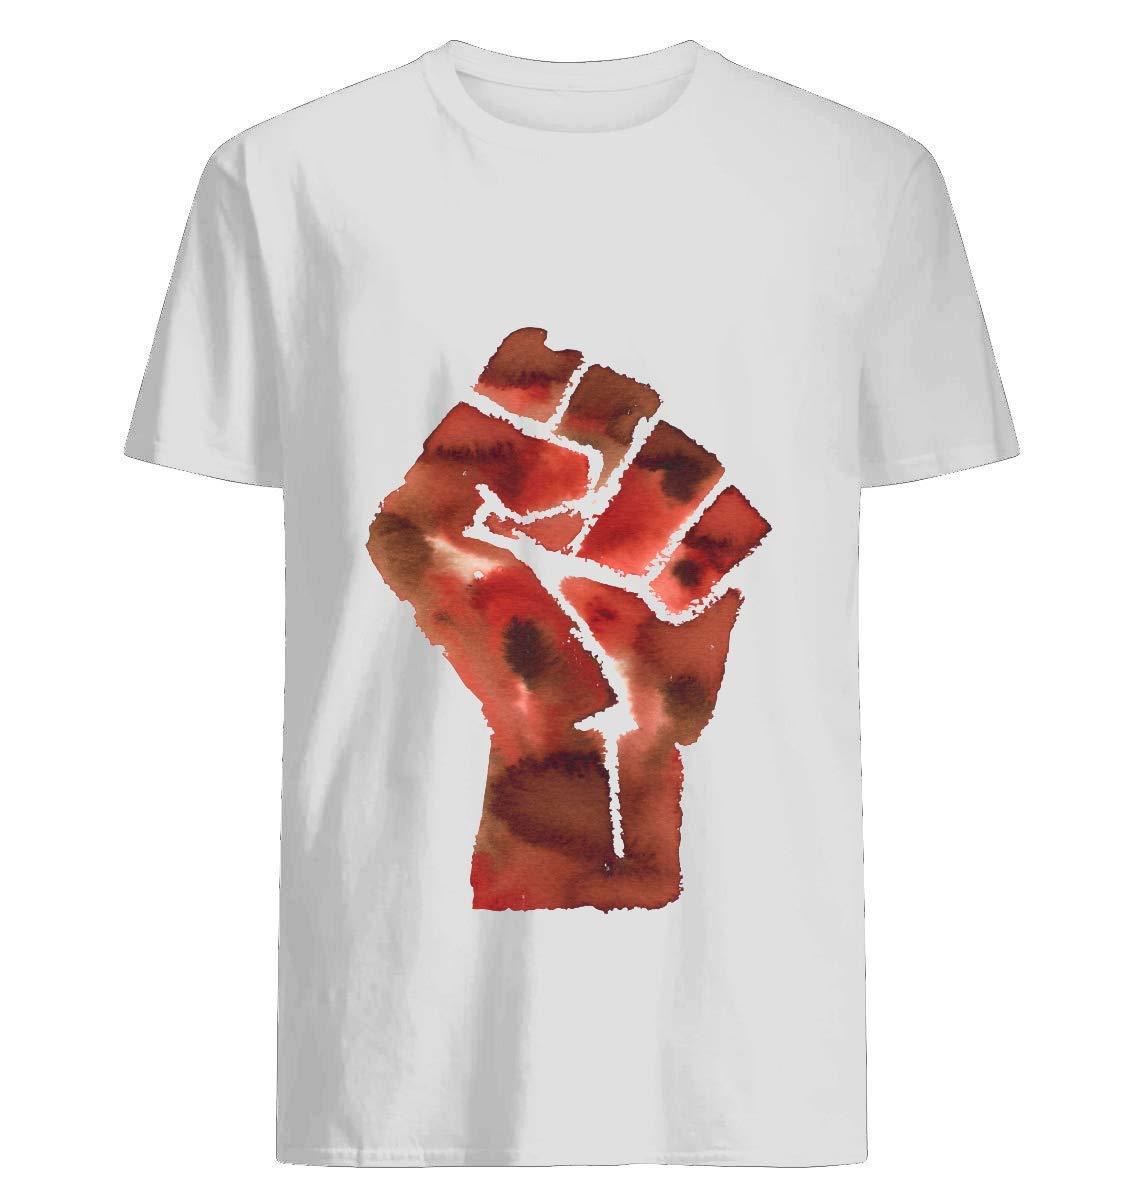 Black Power Fist 22 T Shirt For Unisex